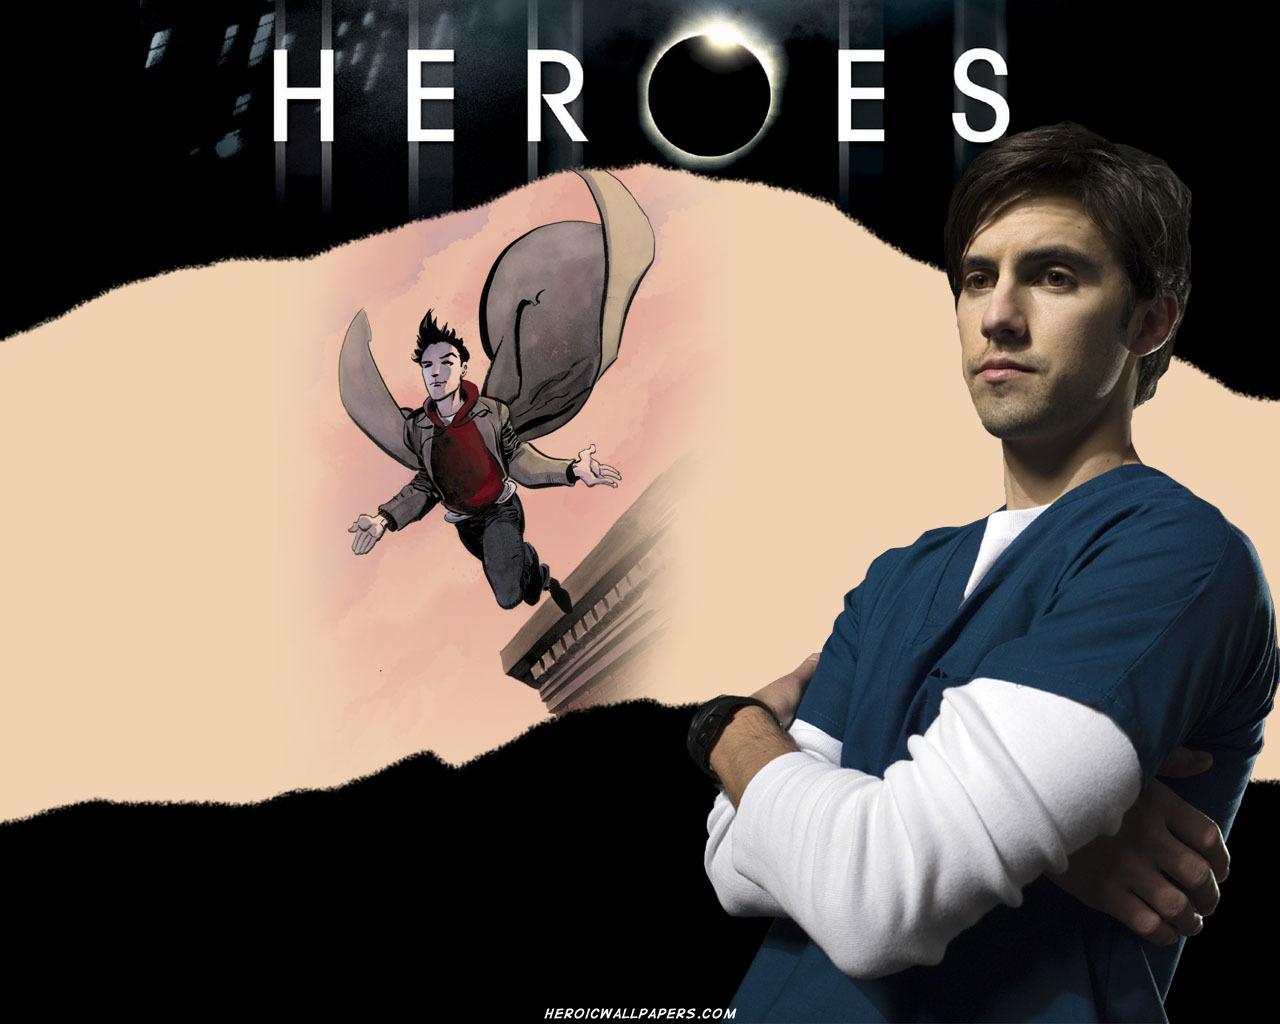 heroes s3 wallpaper - photo #14